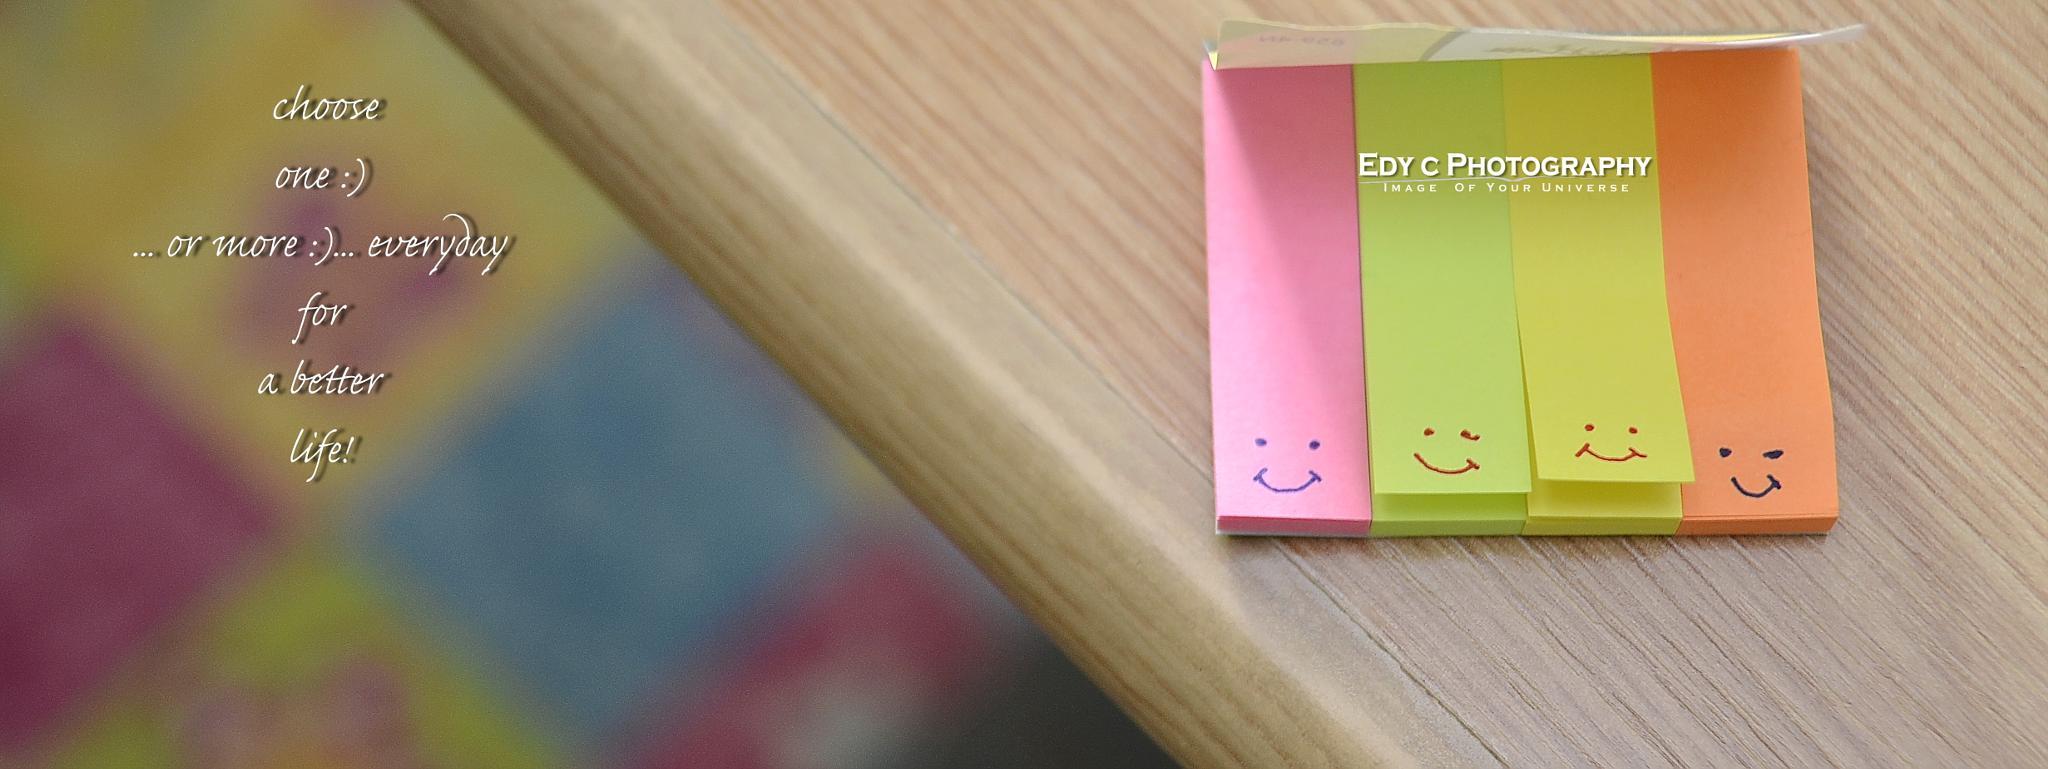 Grab a smile! by edyctin